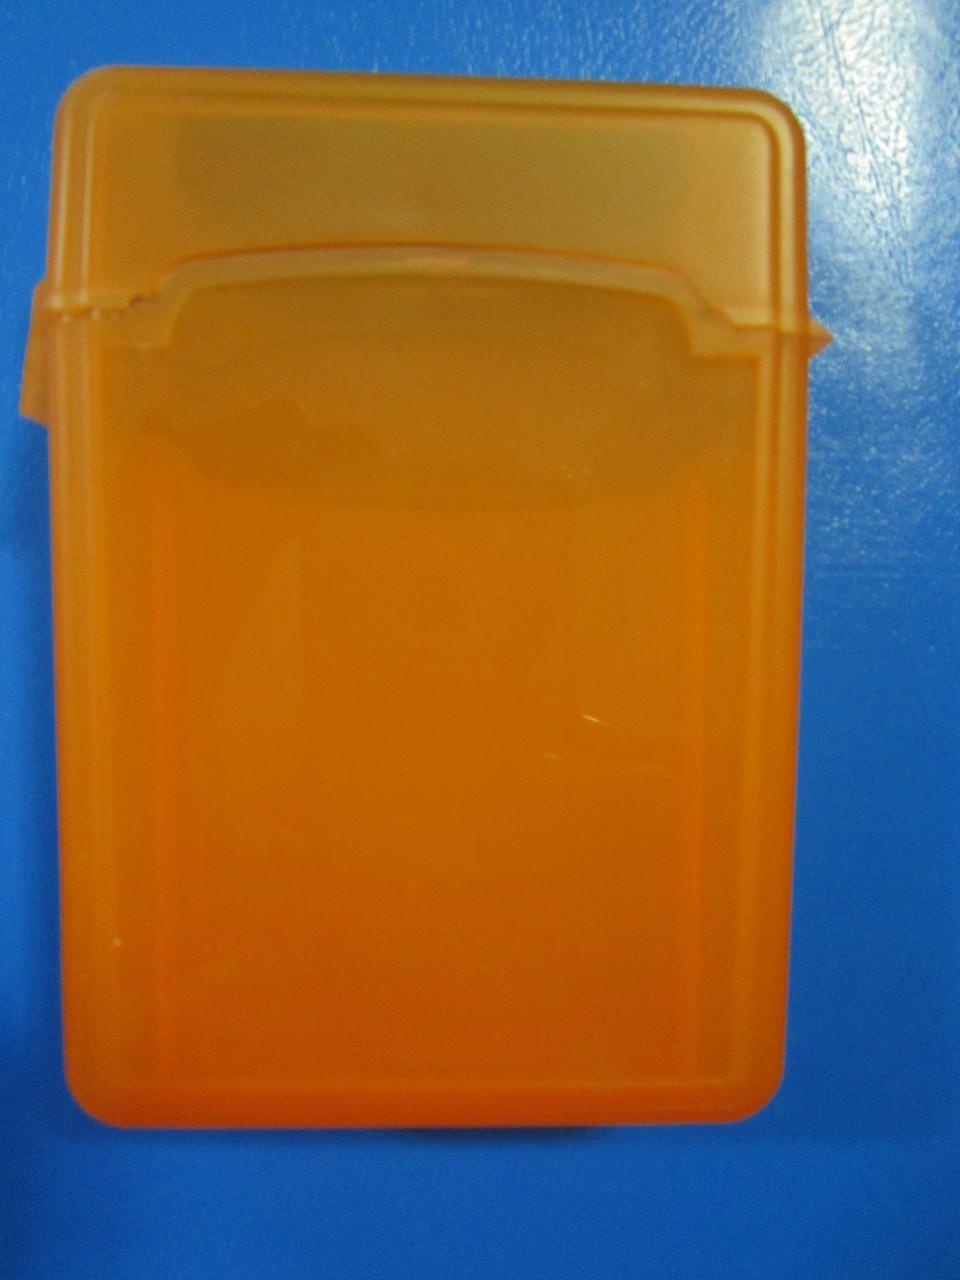 Пластиковая коробочка для хранения жёсткого диска, Алматы